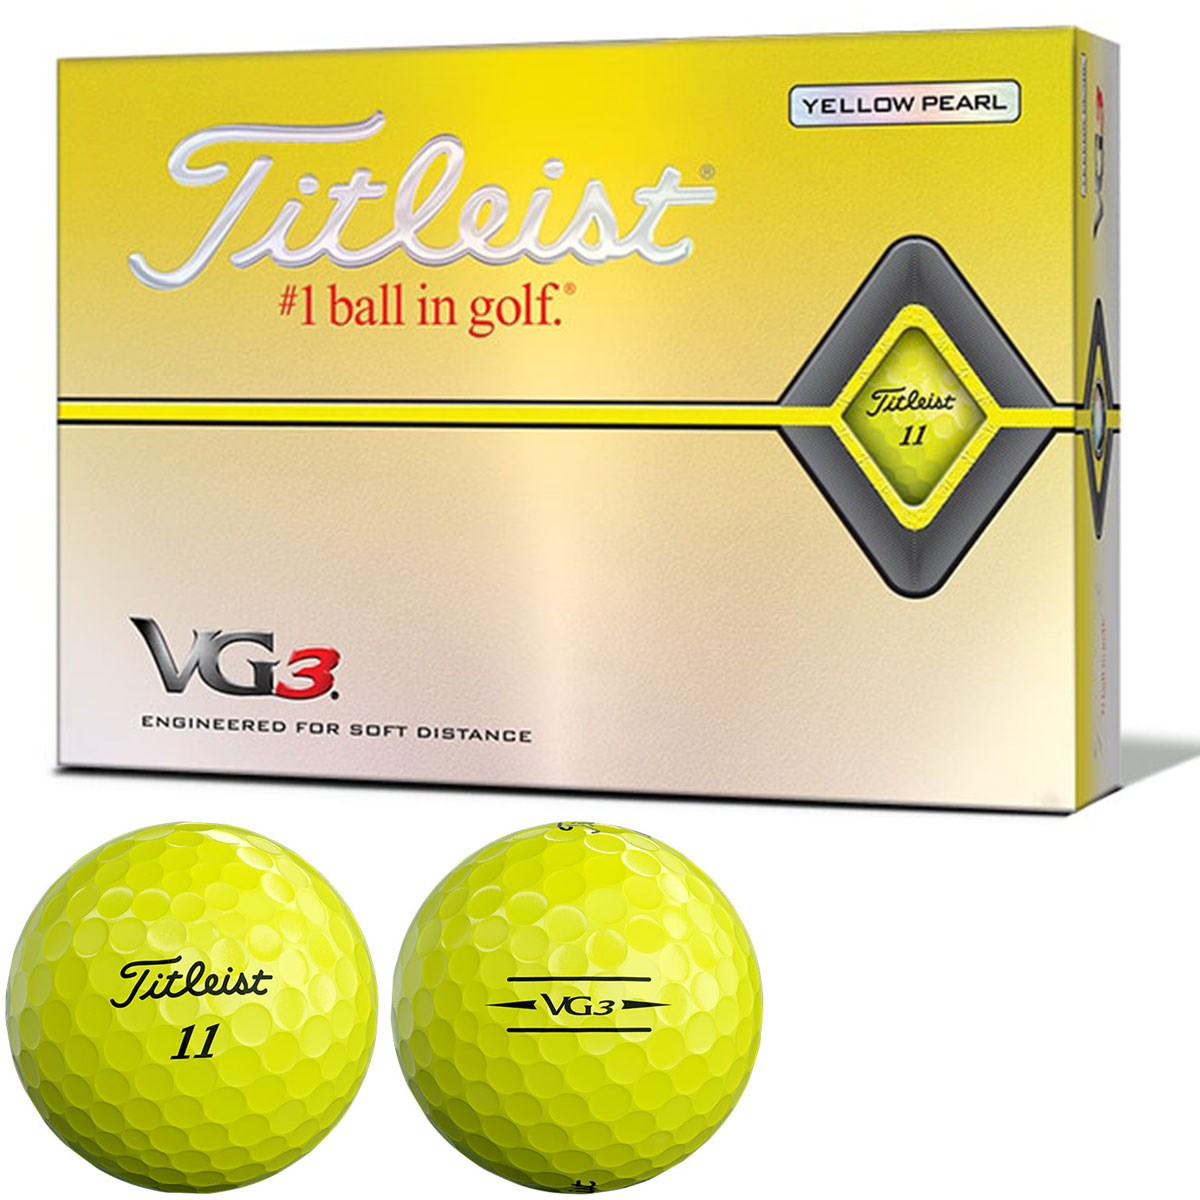 タイトリスト VG3 VG3ボール 2020年モデル 1ダース(12個入り) イエローパール